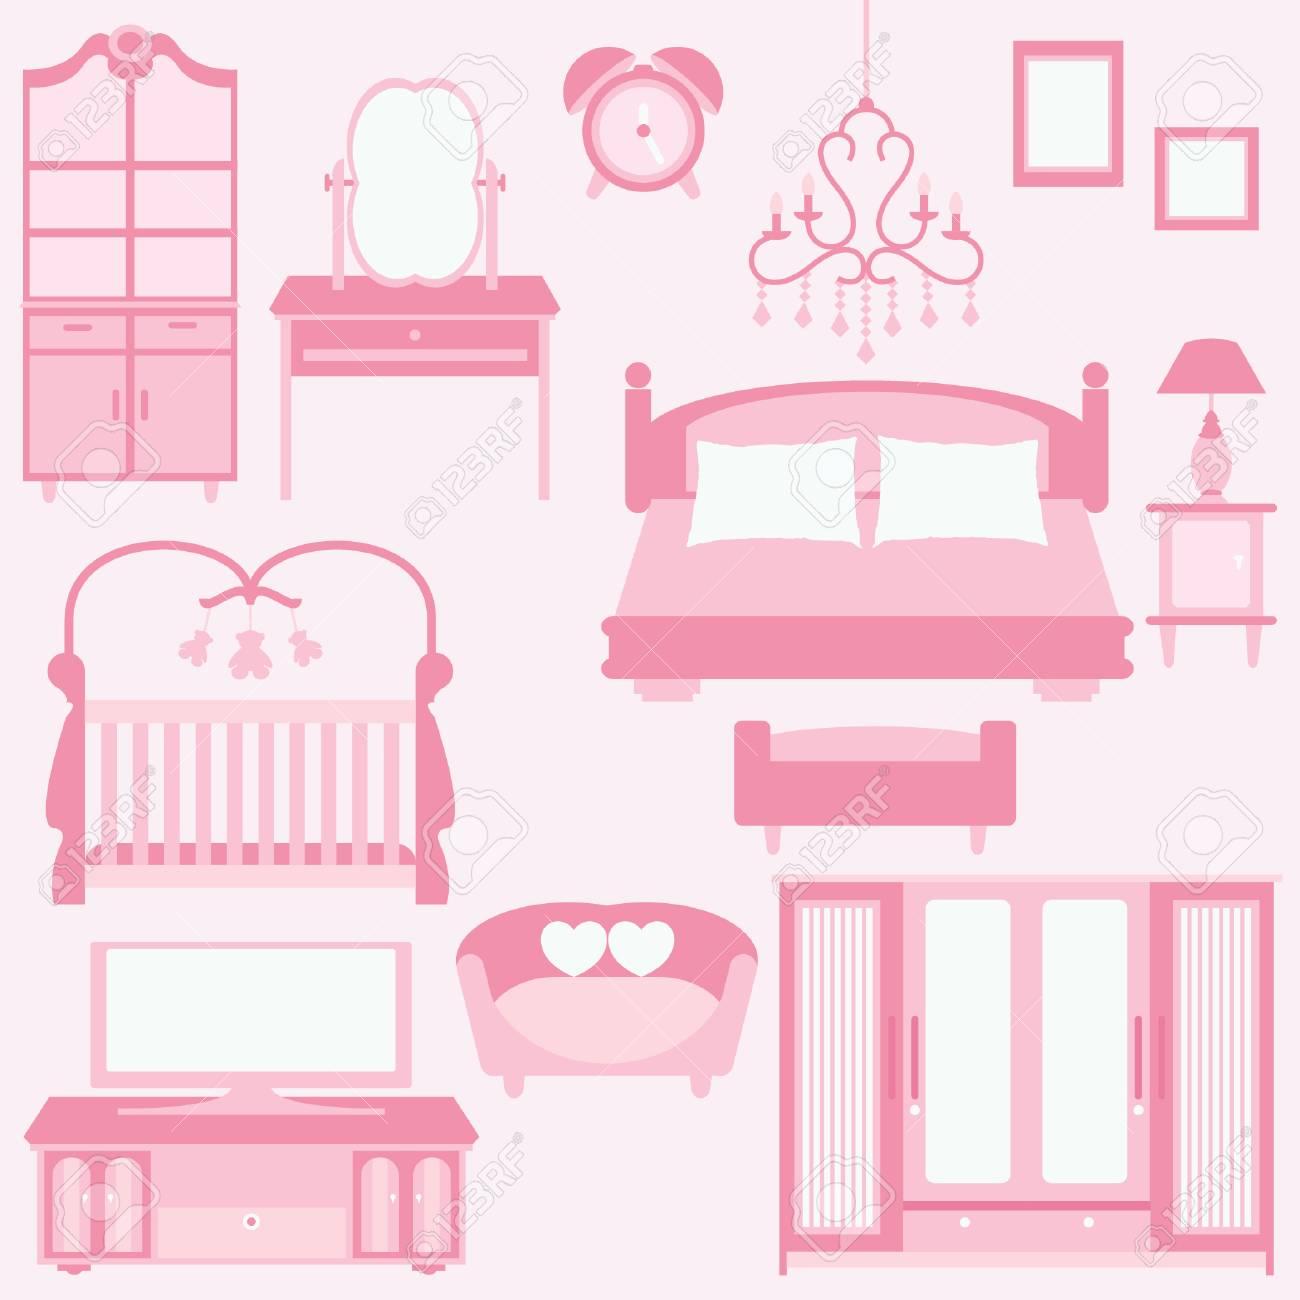 set of furniture in bedroom Stock Vector - 22533940